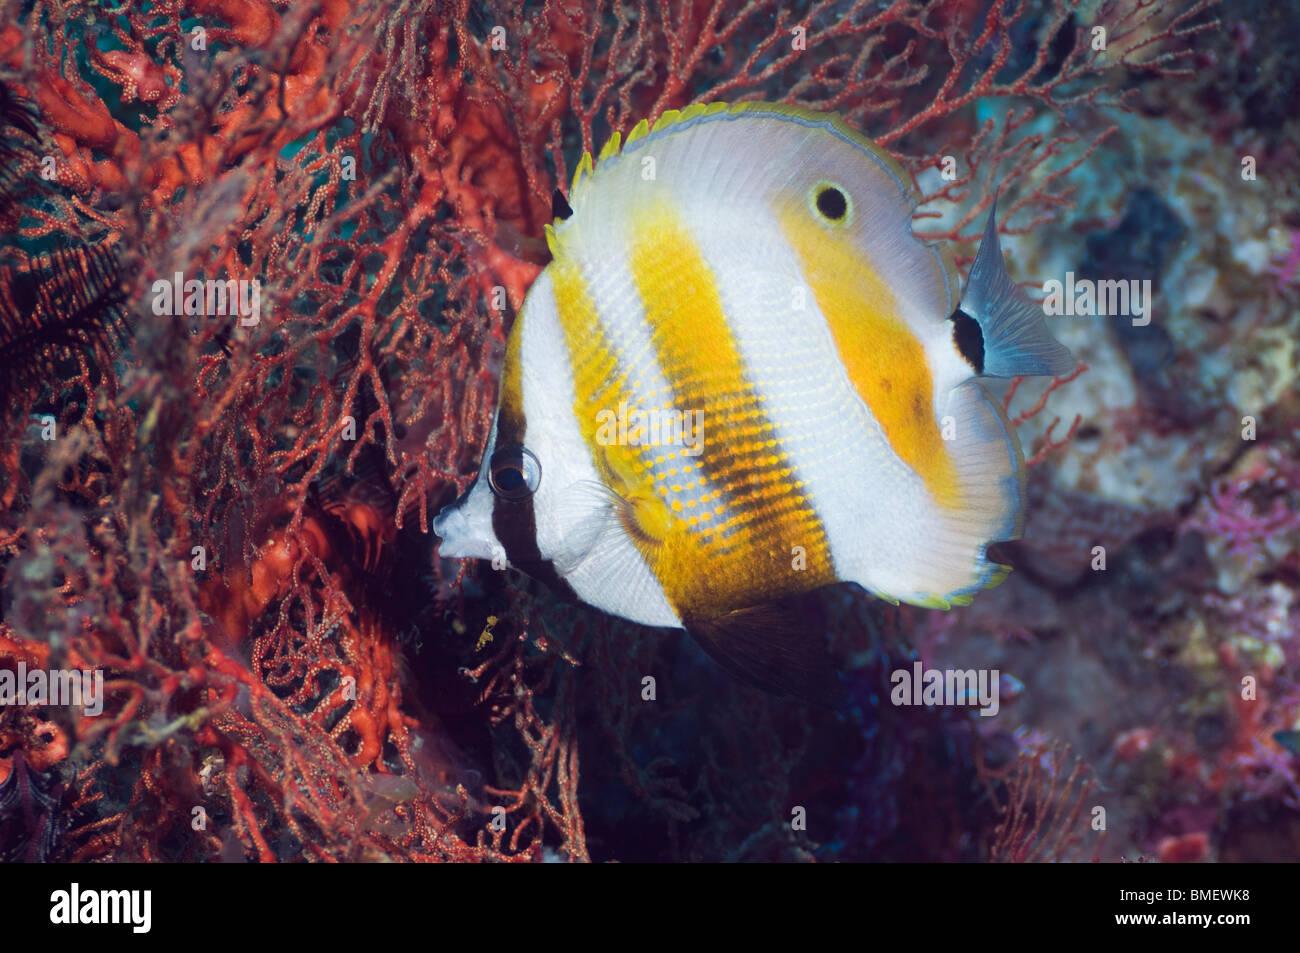 Orange-banded coralfish feeding on gorgonian polyps.  Misool, Raja Ampat, West Papua, Indonesia. - Stock Image